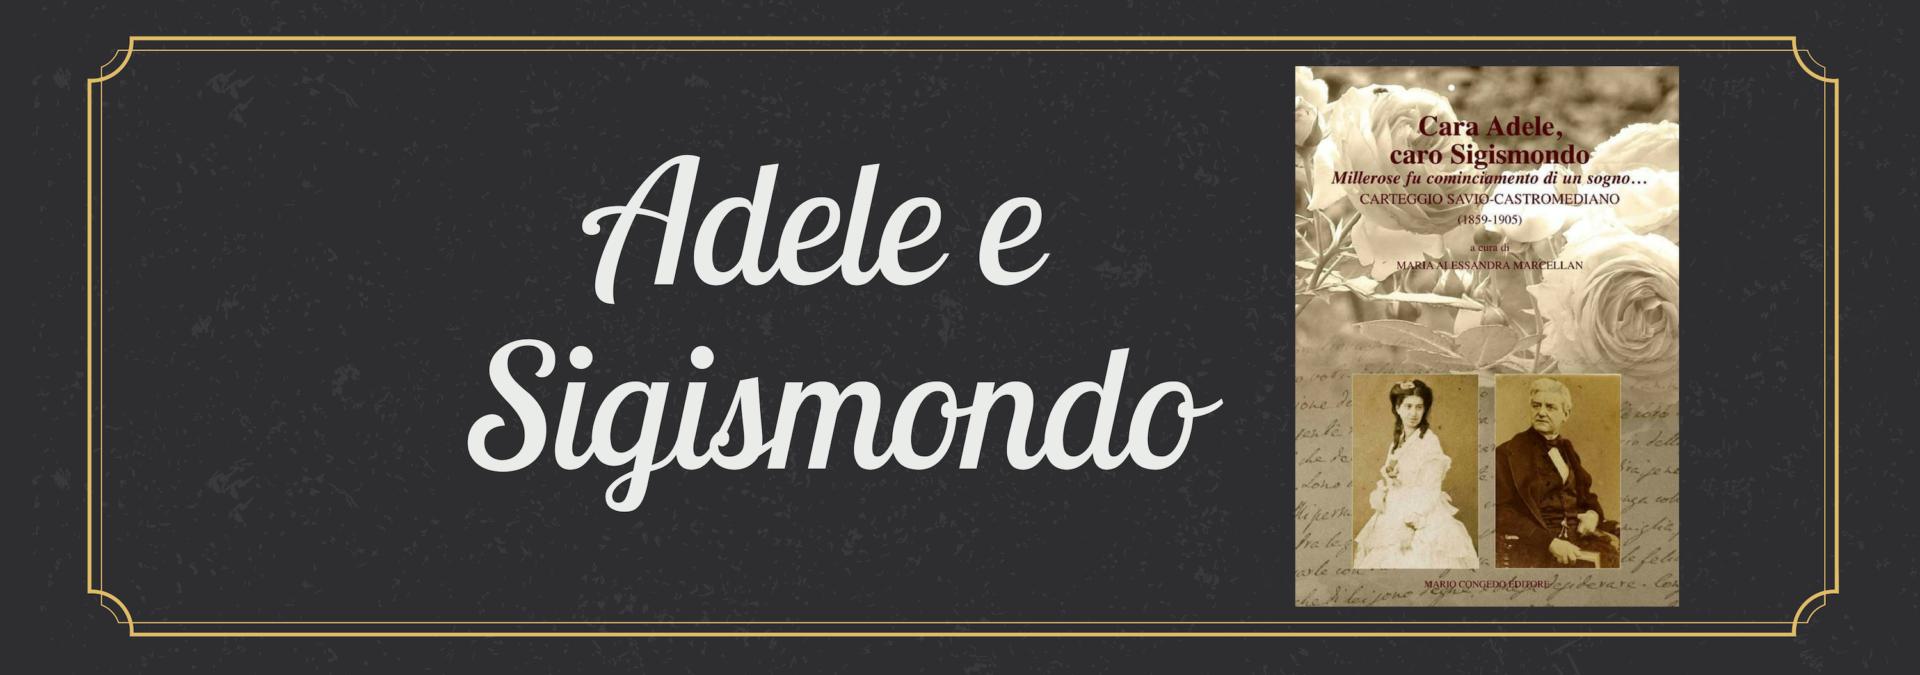 Adele e Sigismondo